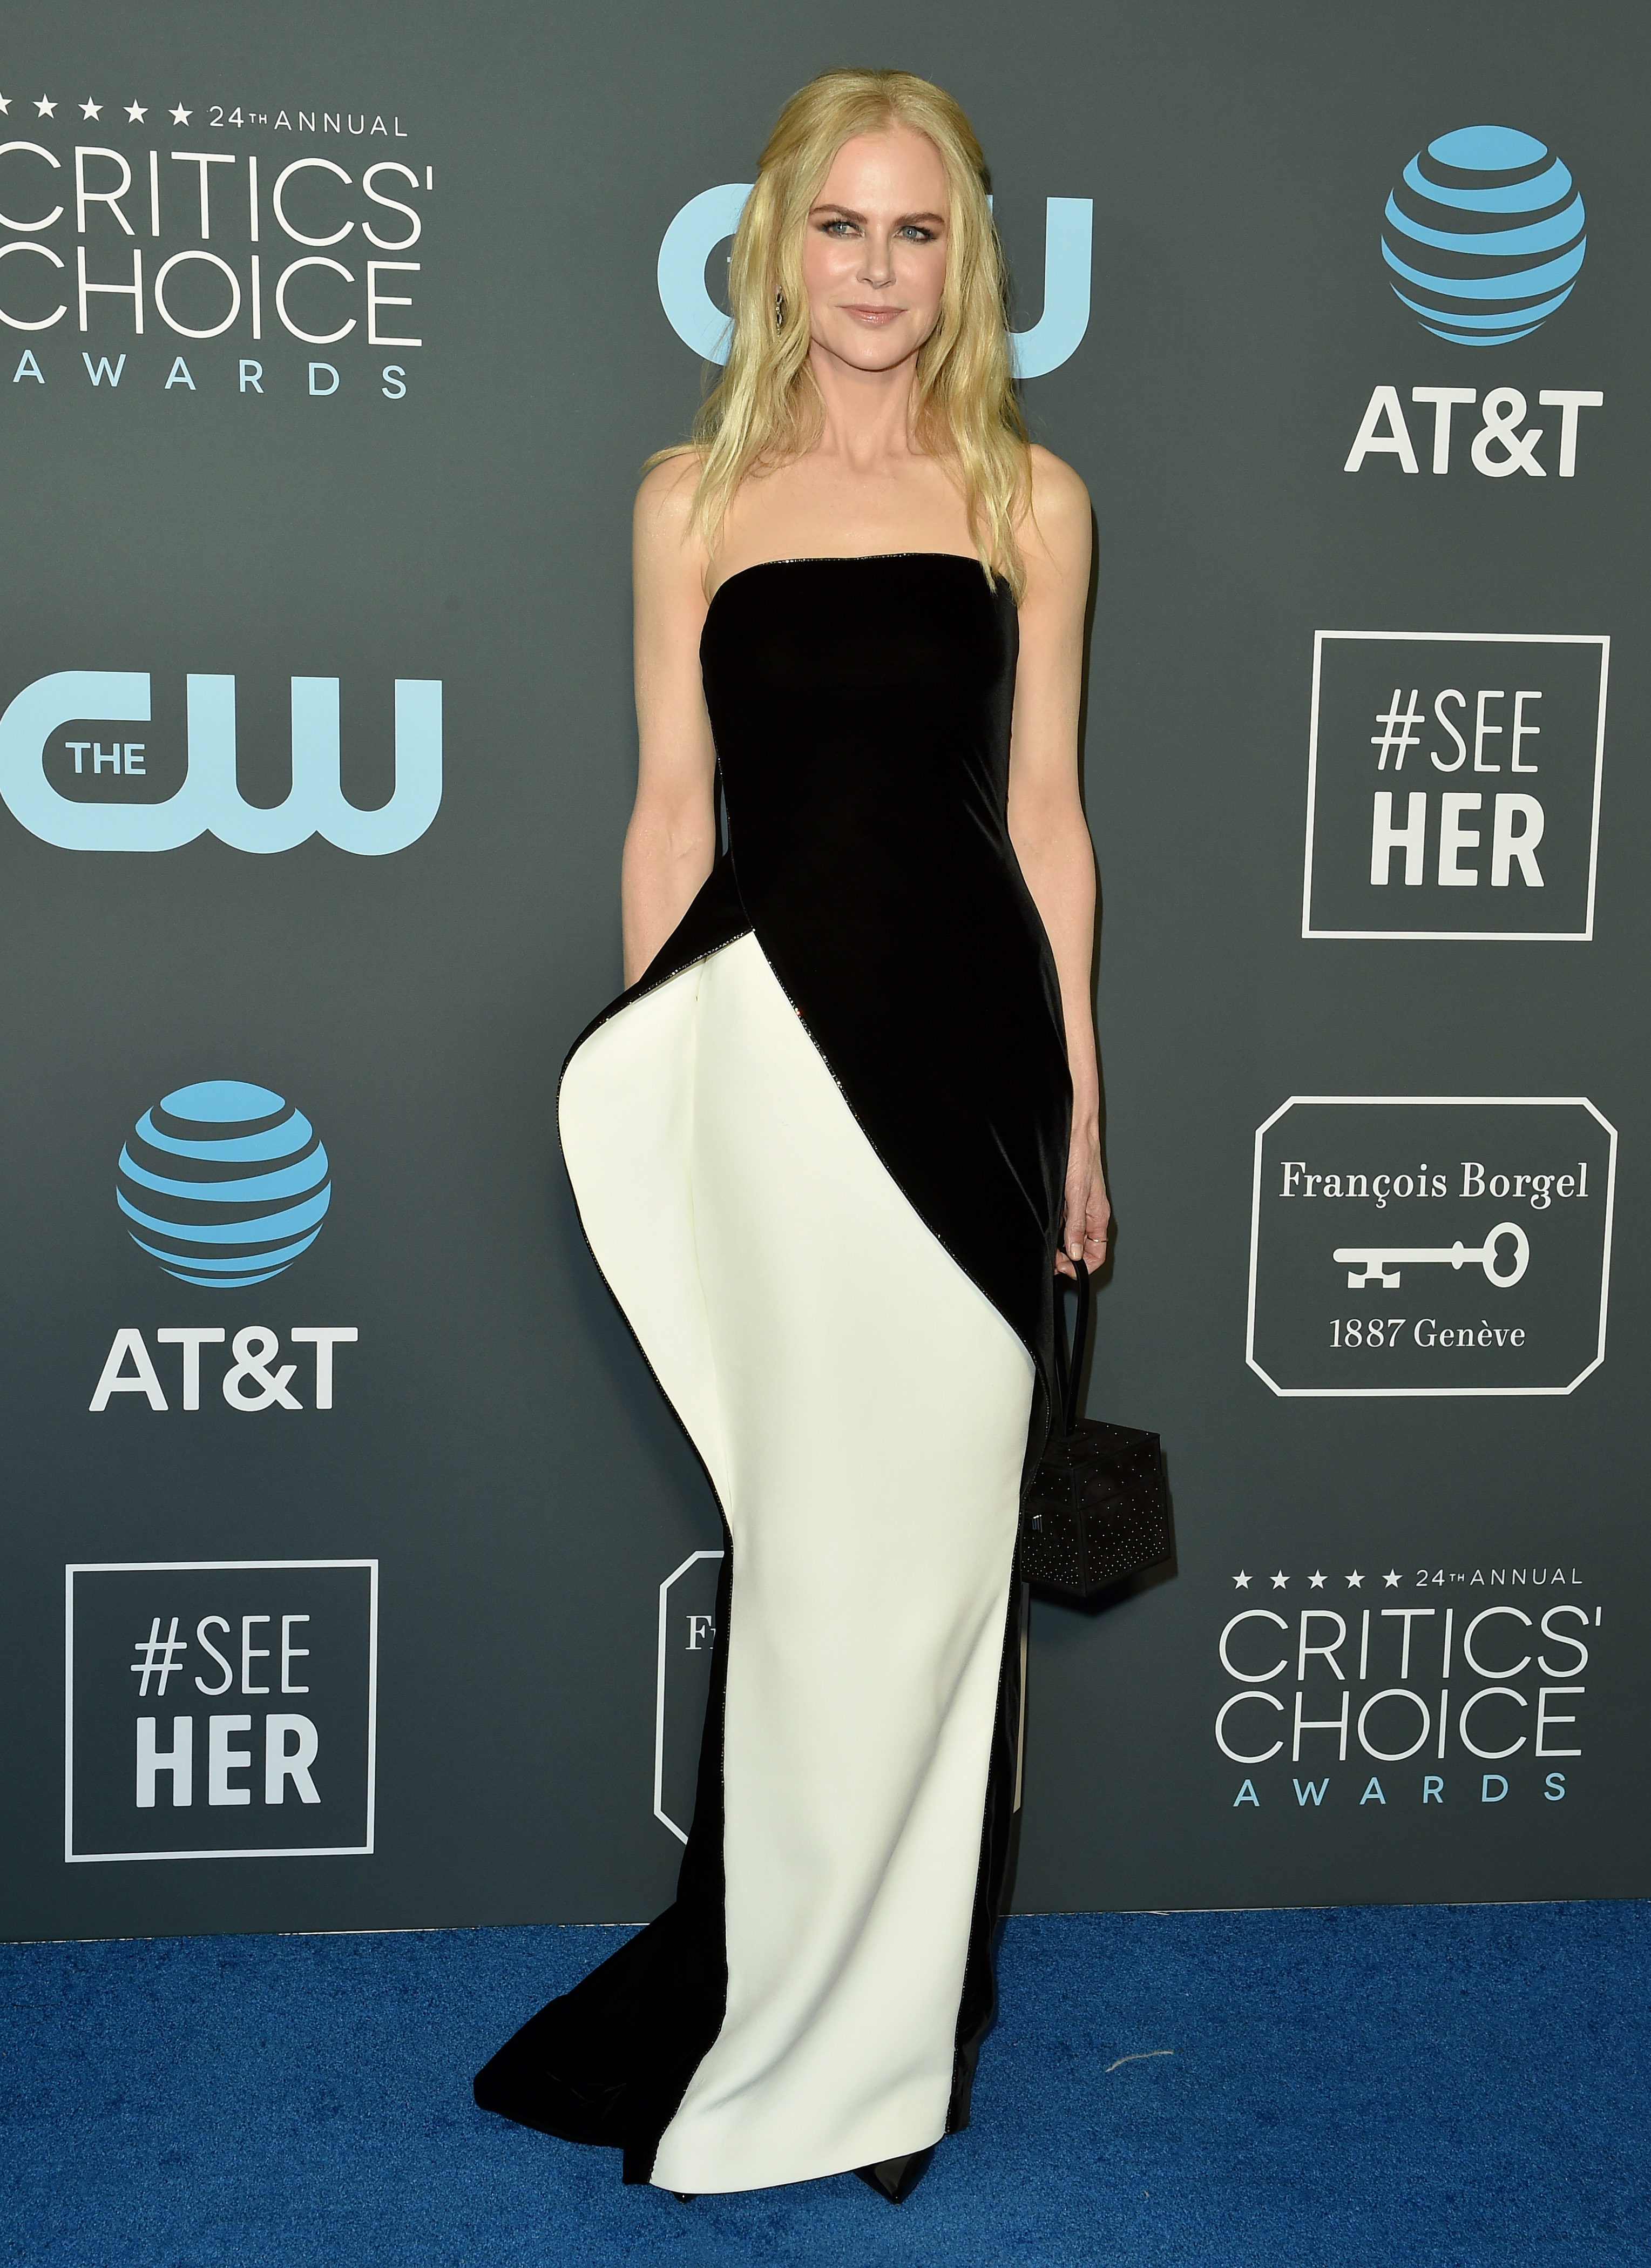 alfombra roja, famosa, vestido, critics choice awards, estilo, premios, mejor vestidas